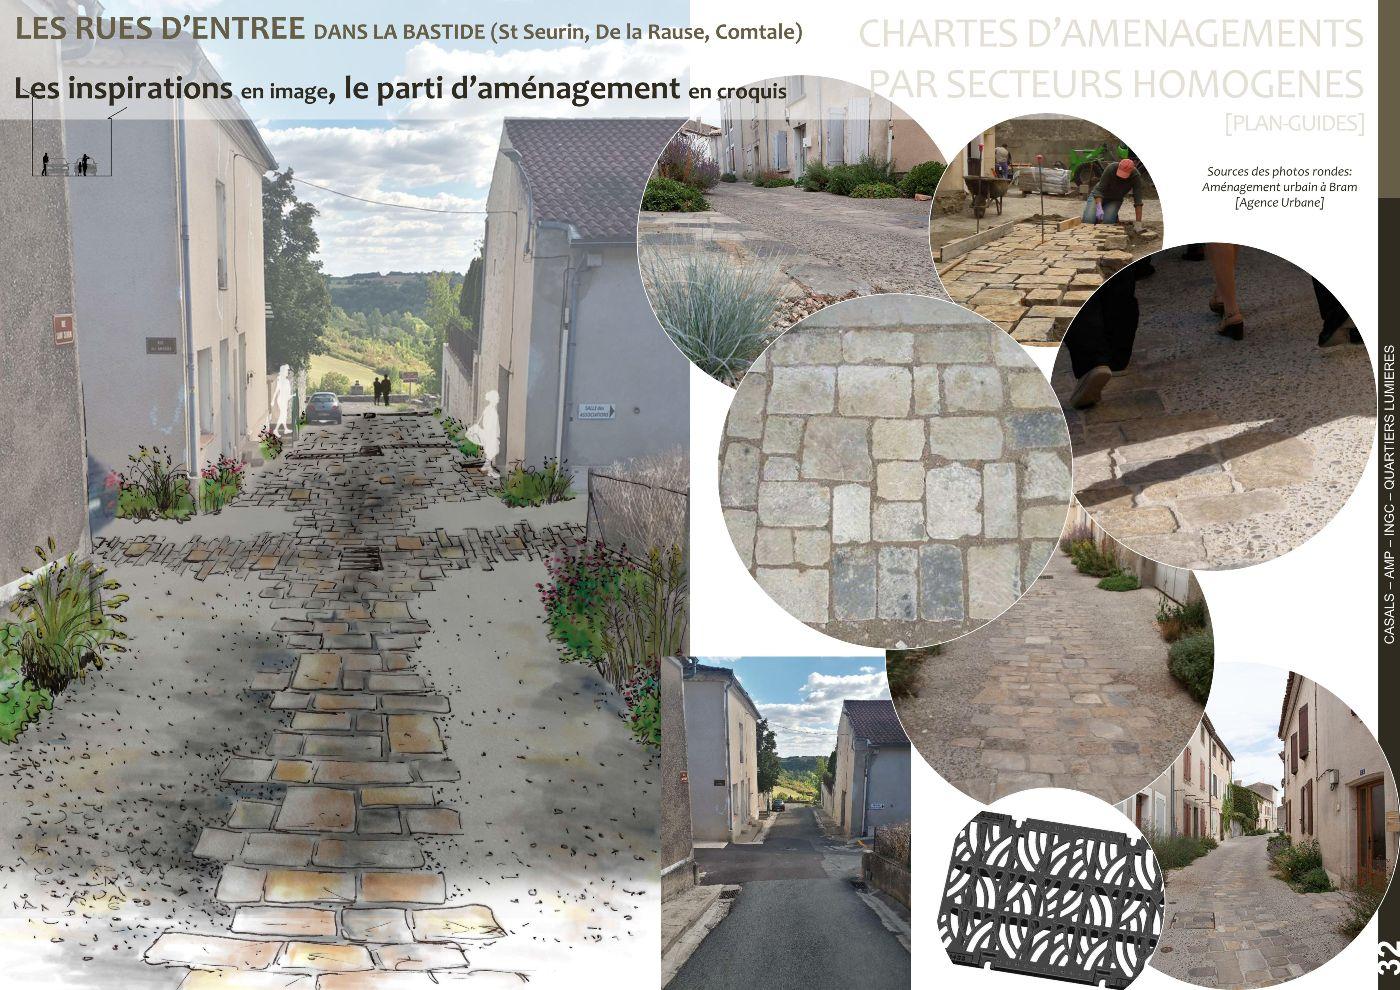 Etude préliminaire, esquisse rues d'entrée dans la bastide